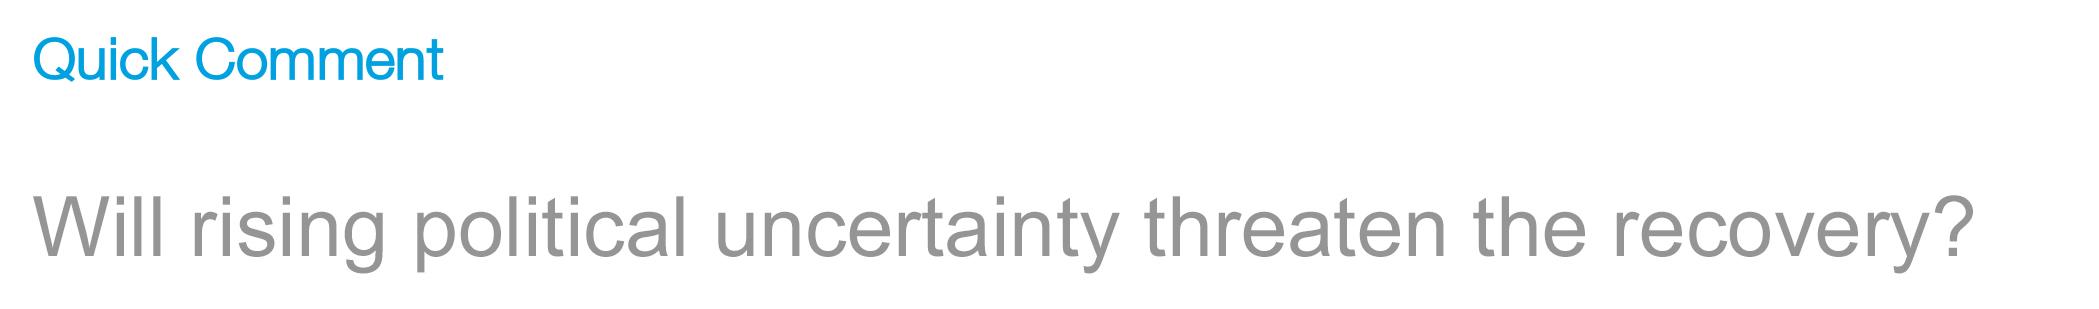 Macquarie Wealth Management - Quick Comment01